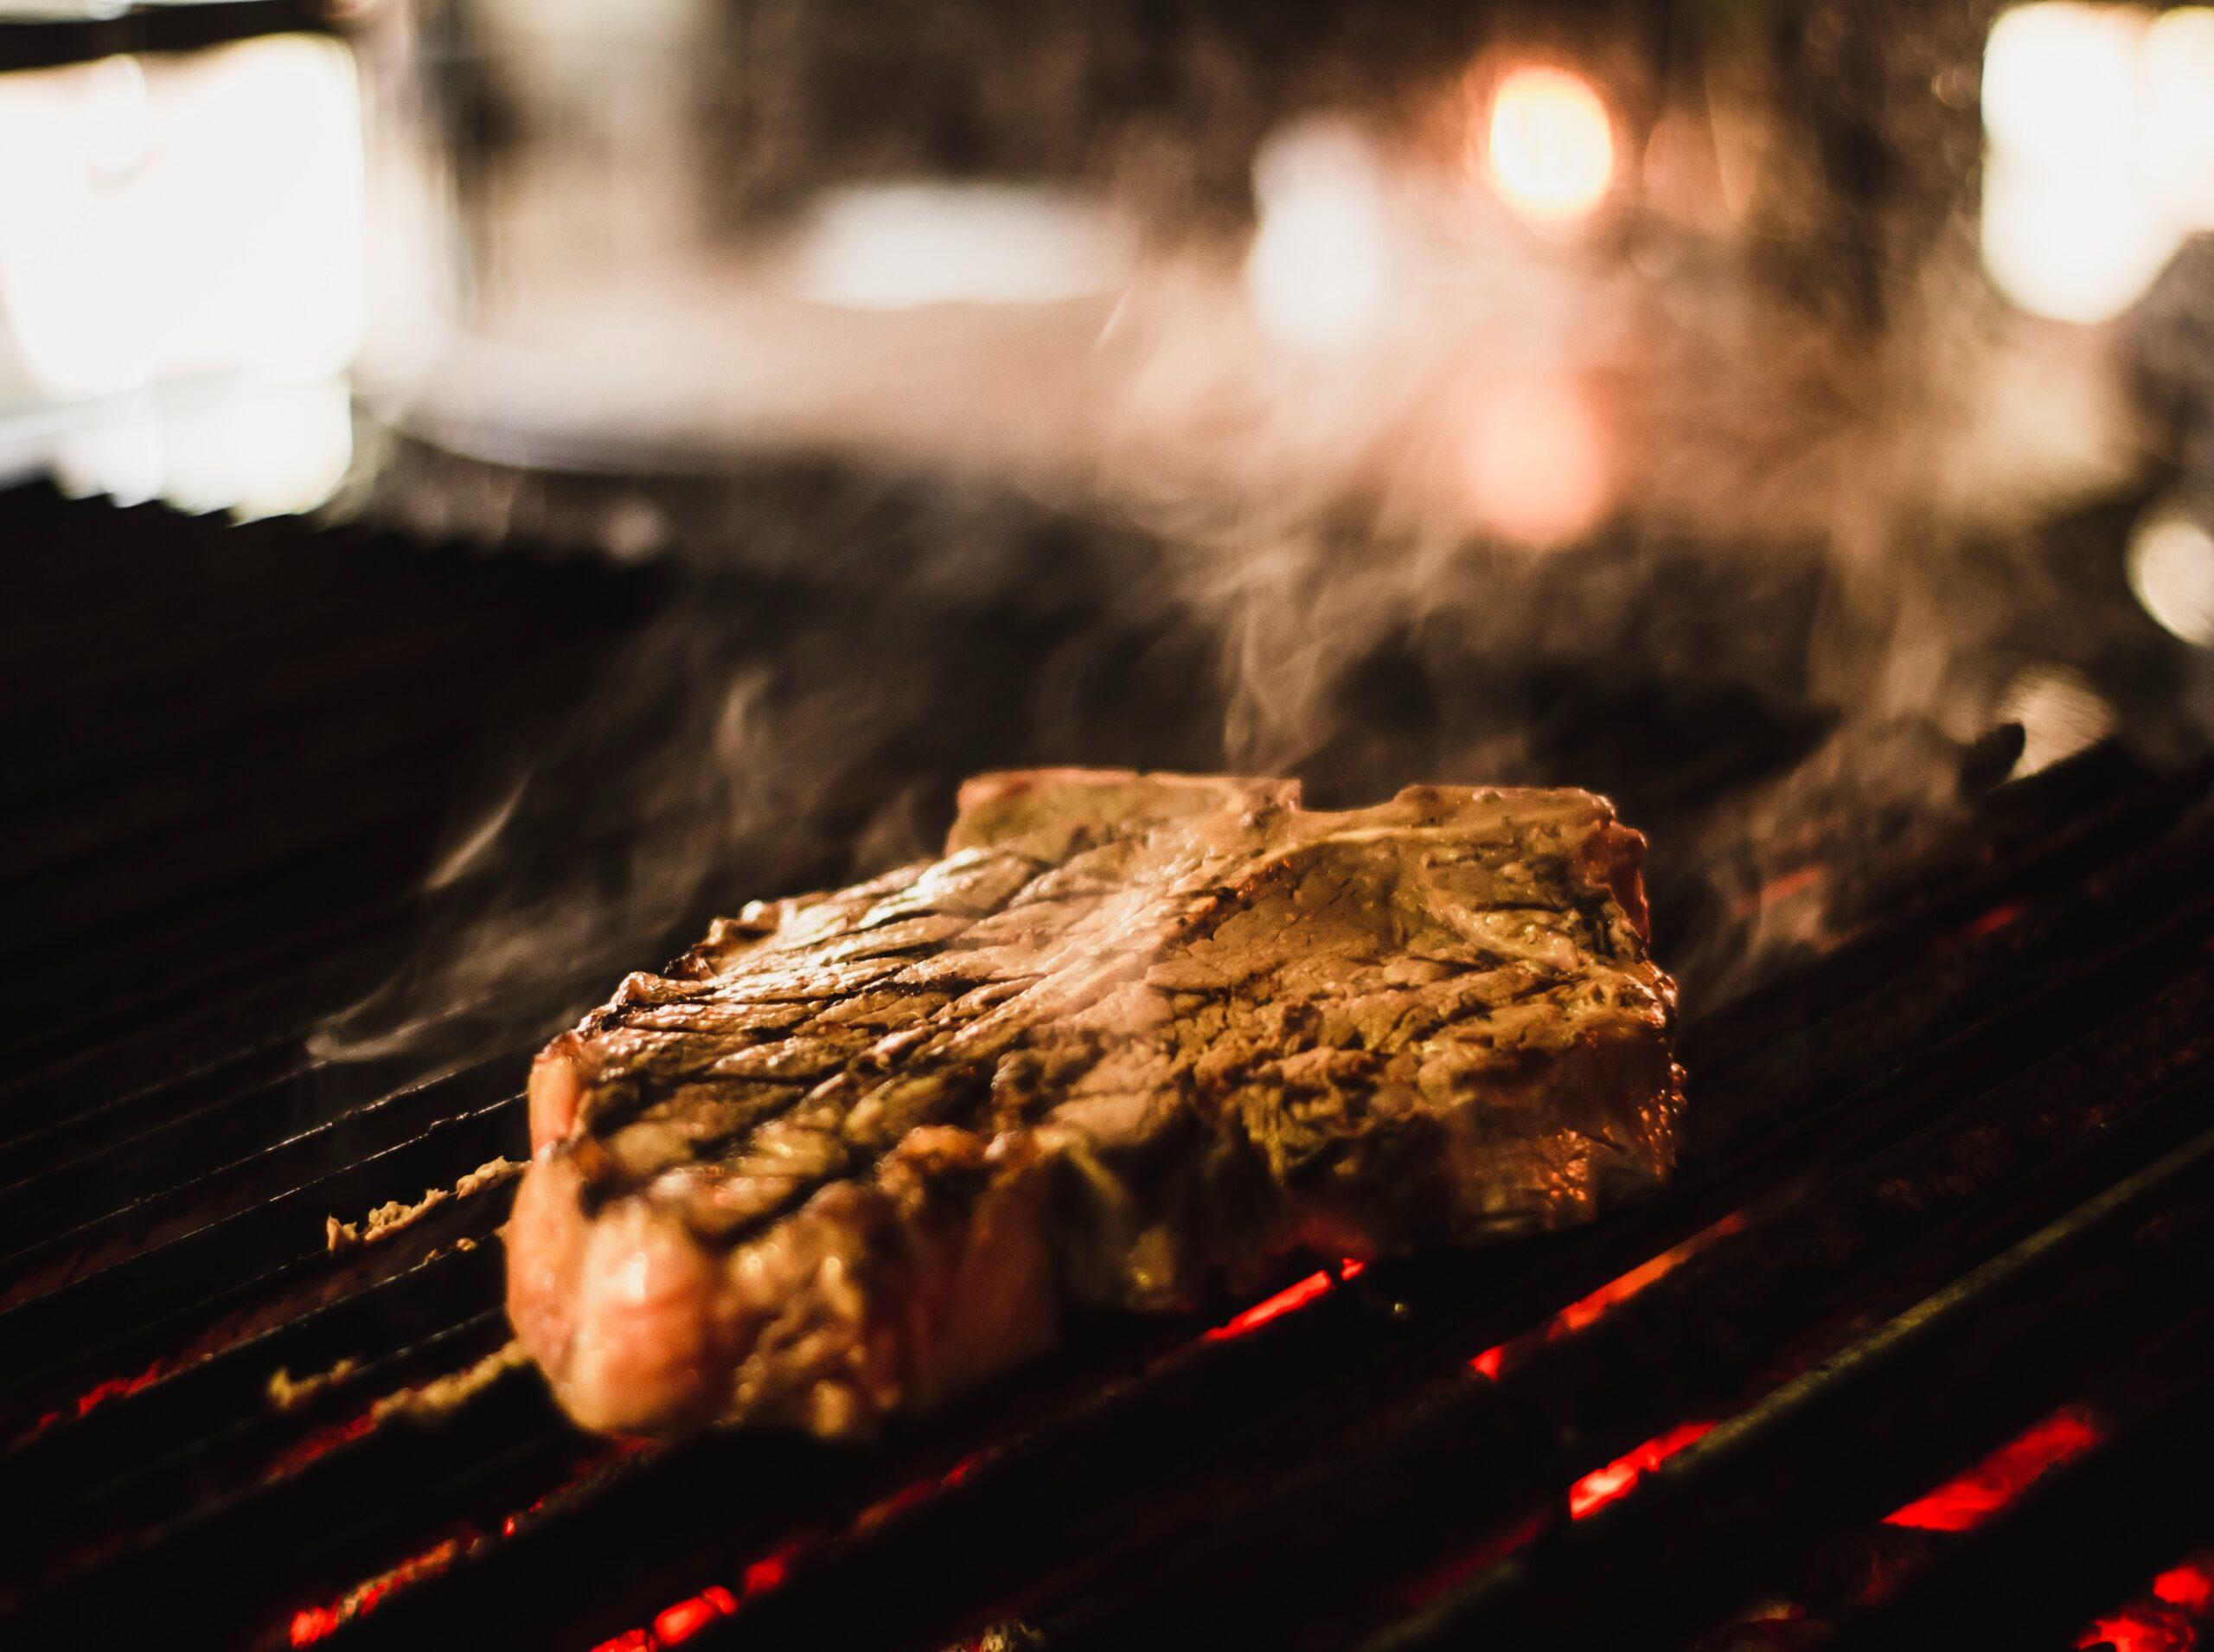 BLOG V Les 8. Hoe bereid je je voeding op een gezonde manier?